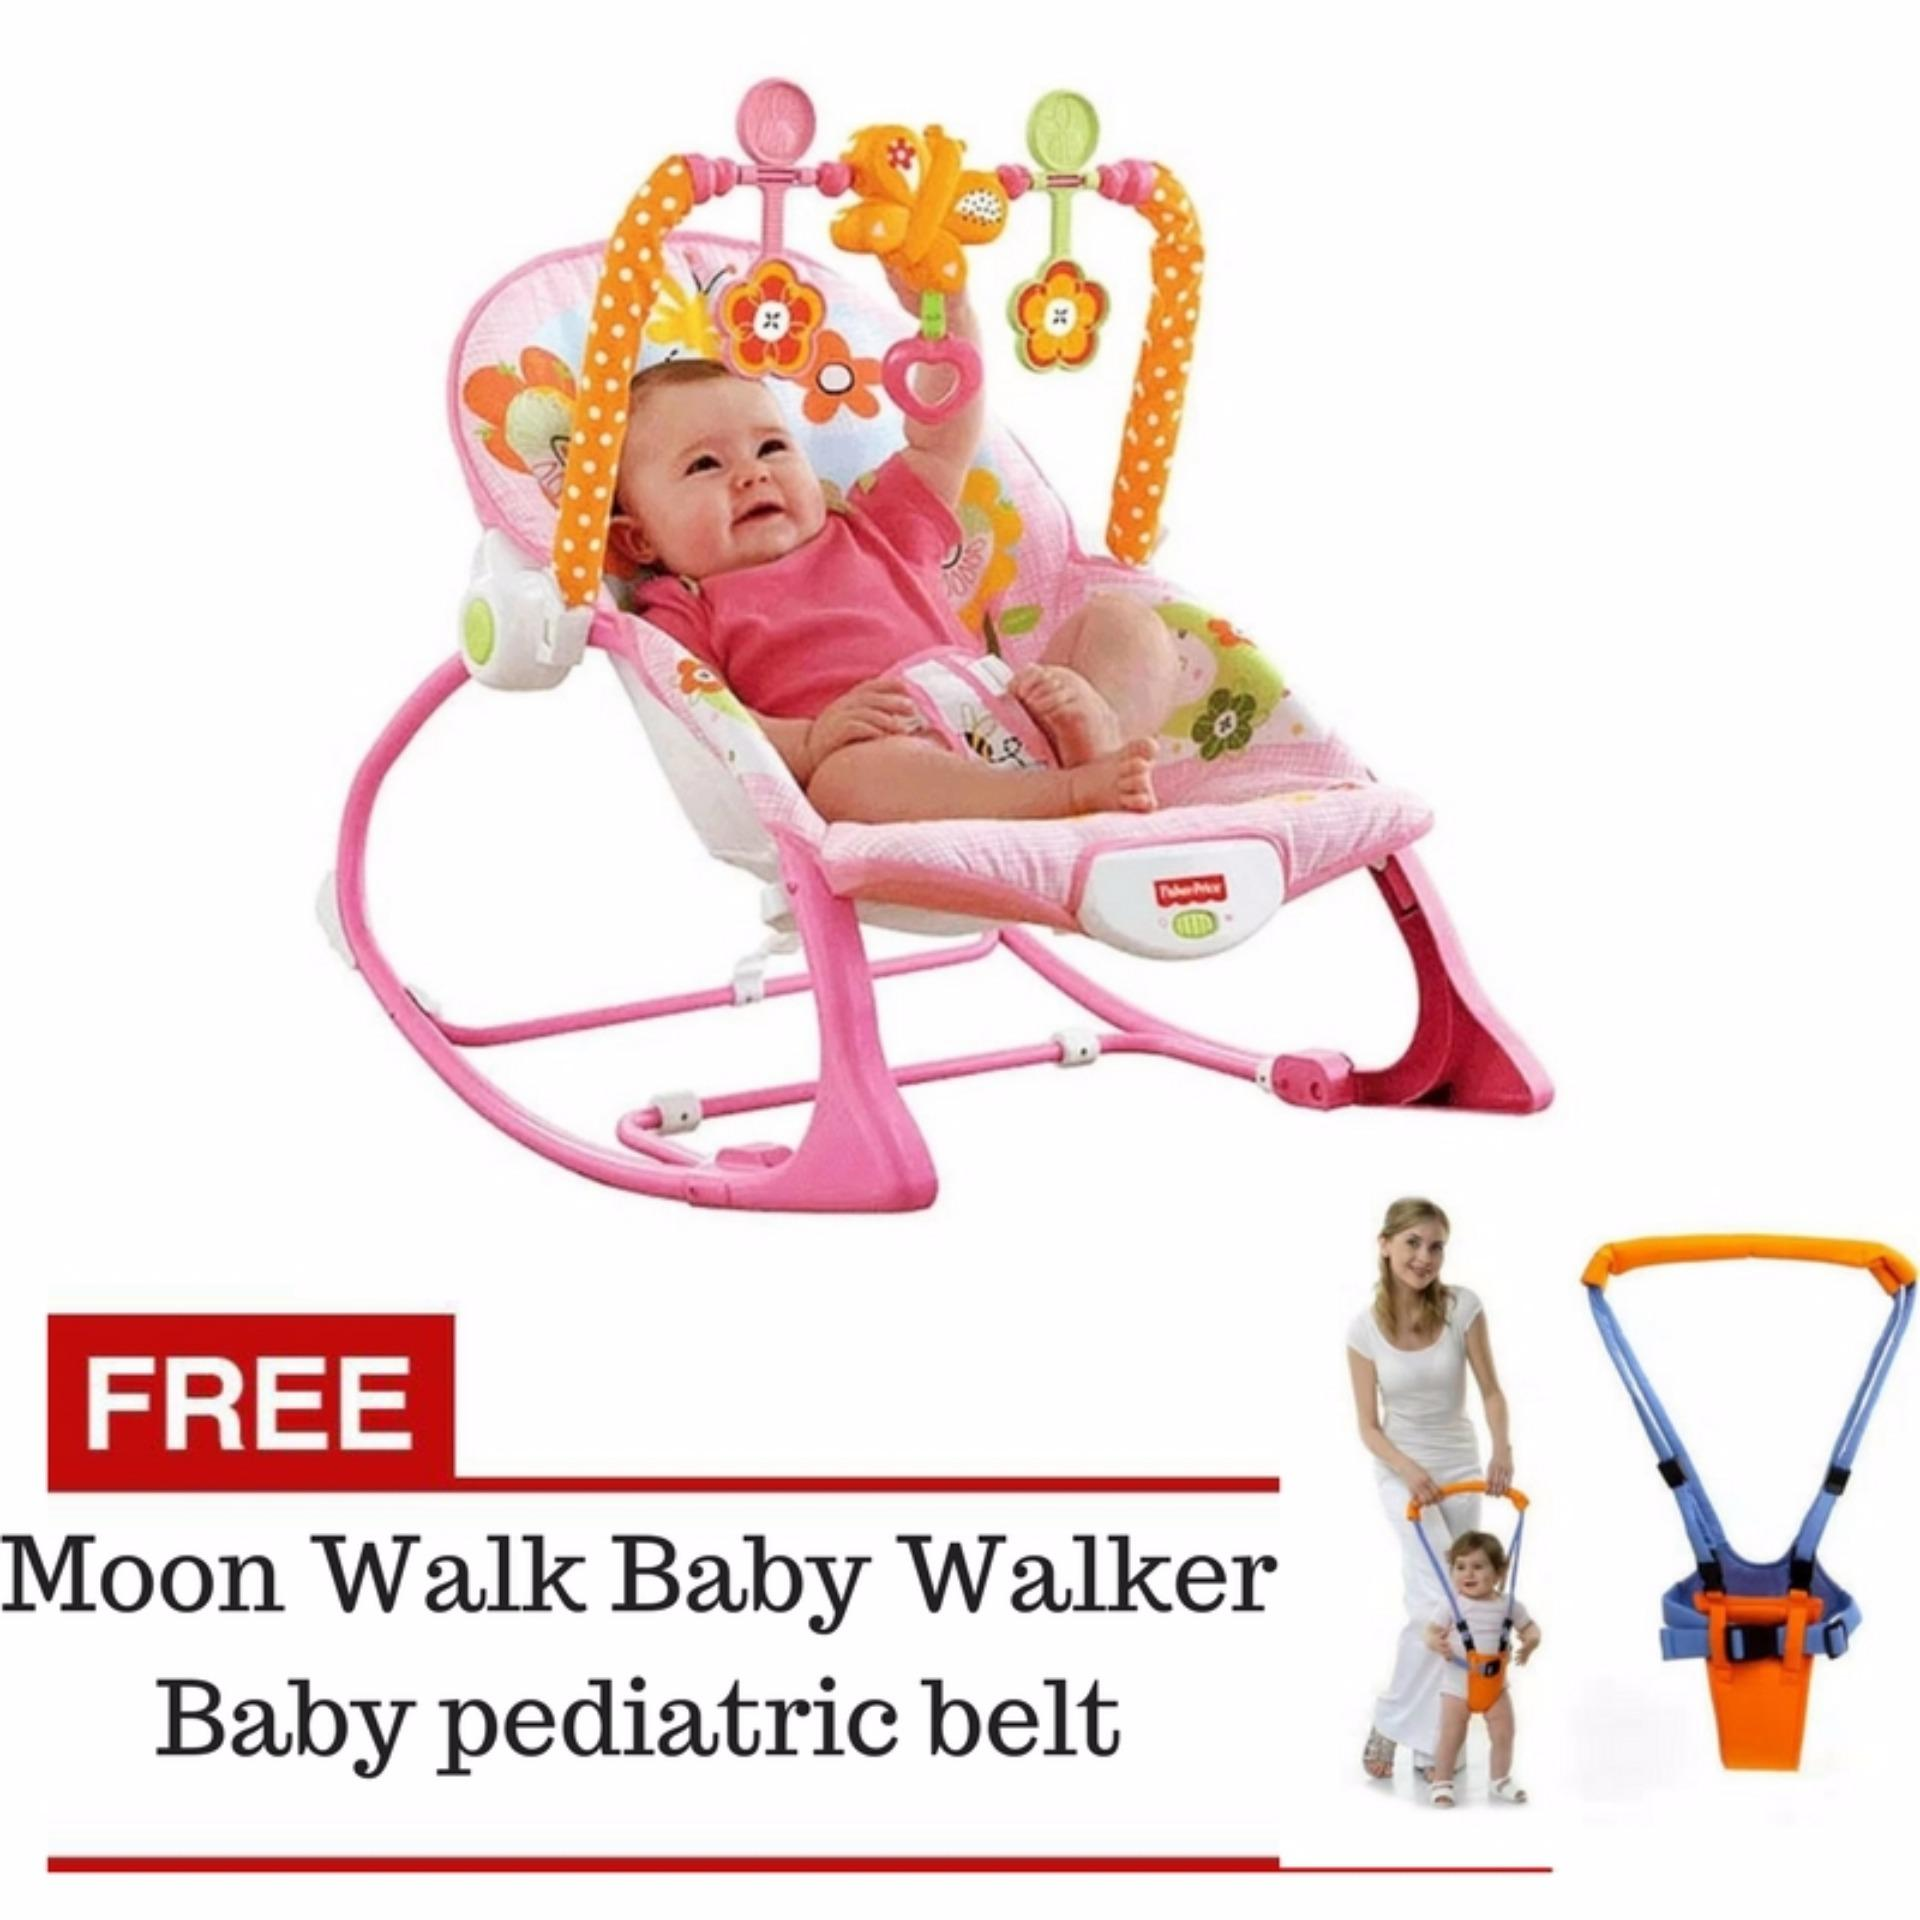 Basket Type Toddler Belt Moonwalk Alat Bantu Belajar Jalan Bayi Baby Walker Push Musical Source Fisher Price Infant To